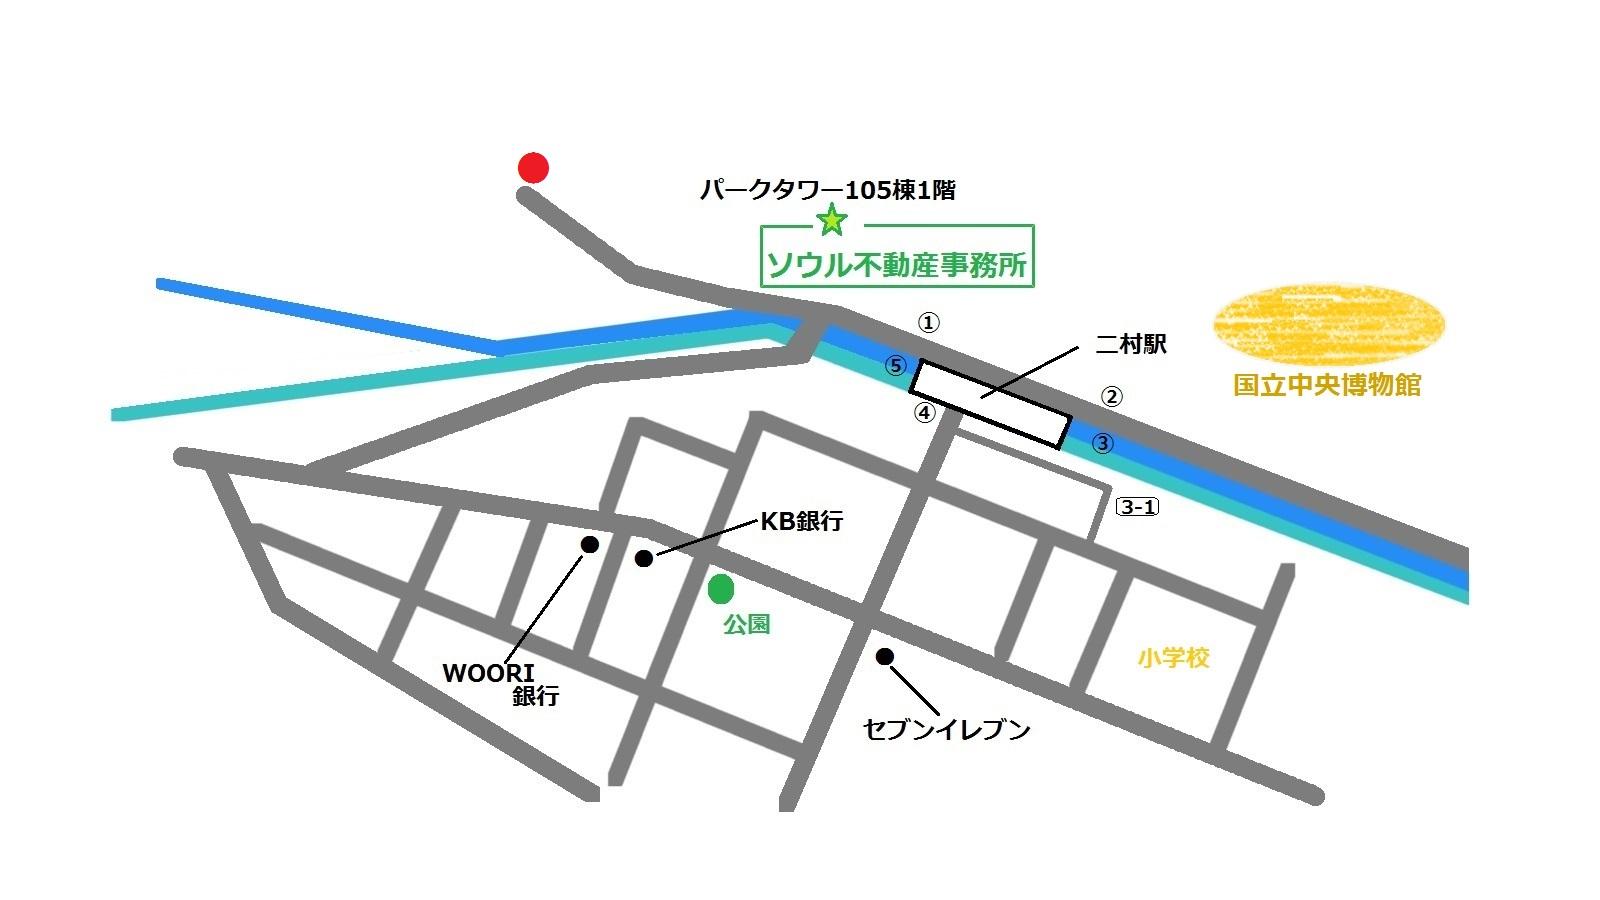 ハムギョン ミョンオク 함경면옥 地図